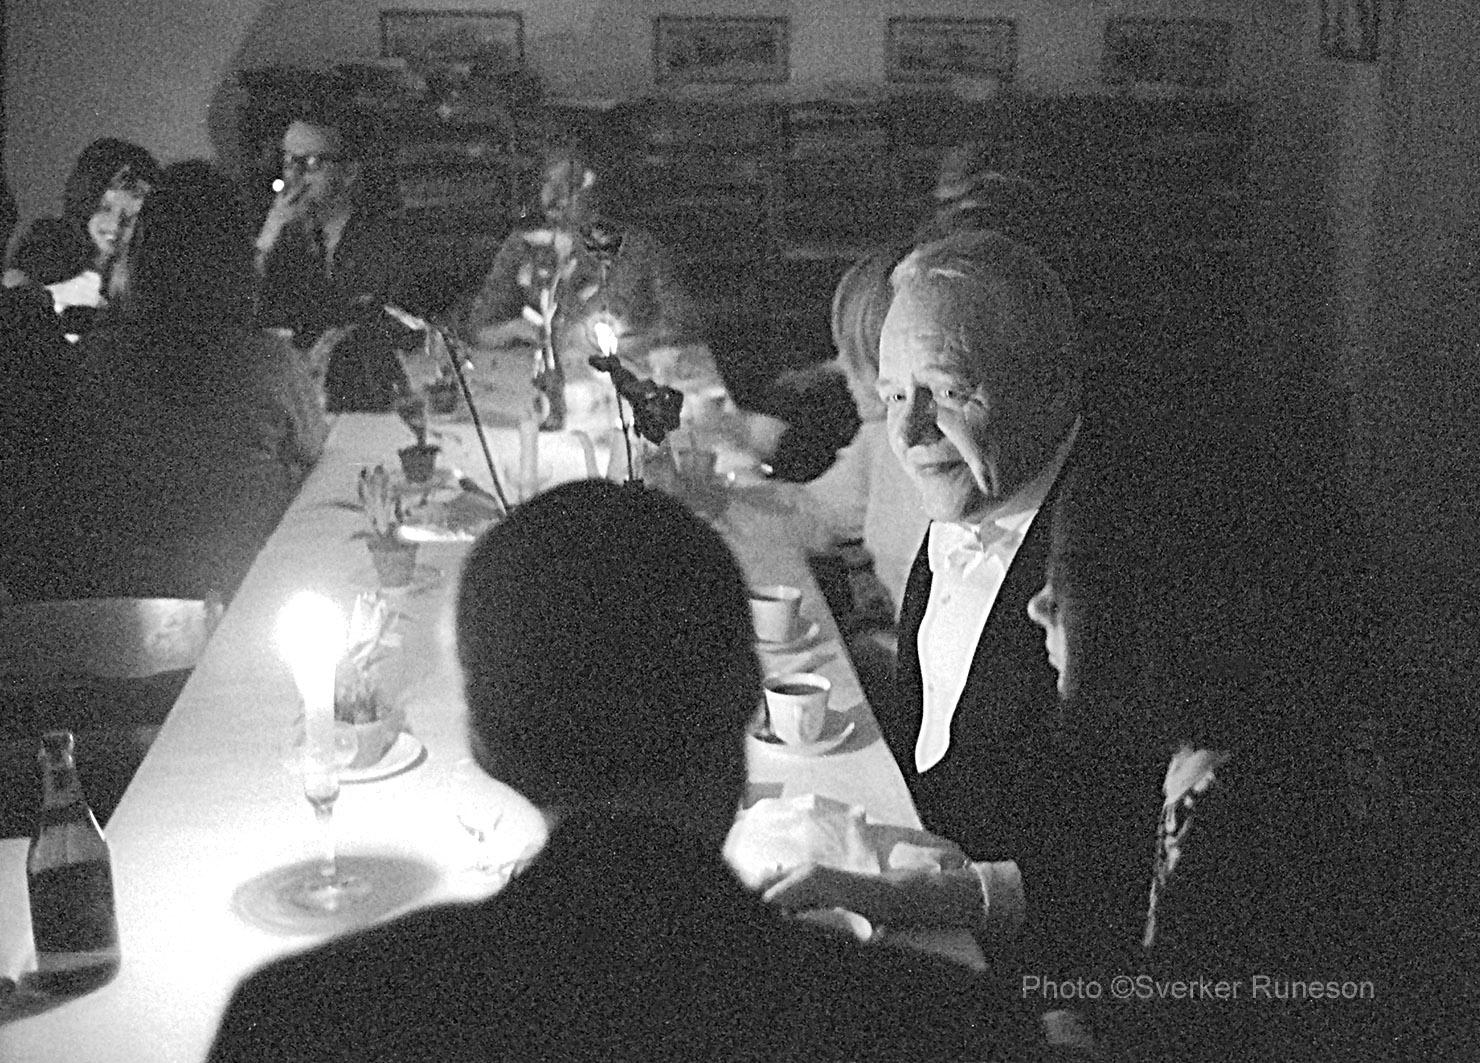 Västgöta Nation, Kinnekullerummet. Sexa efter Nationssammankomst 12/12 1967. T.h. Ingemar Hedenius, inspektor.